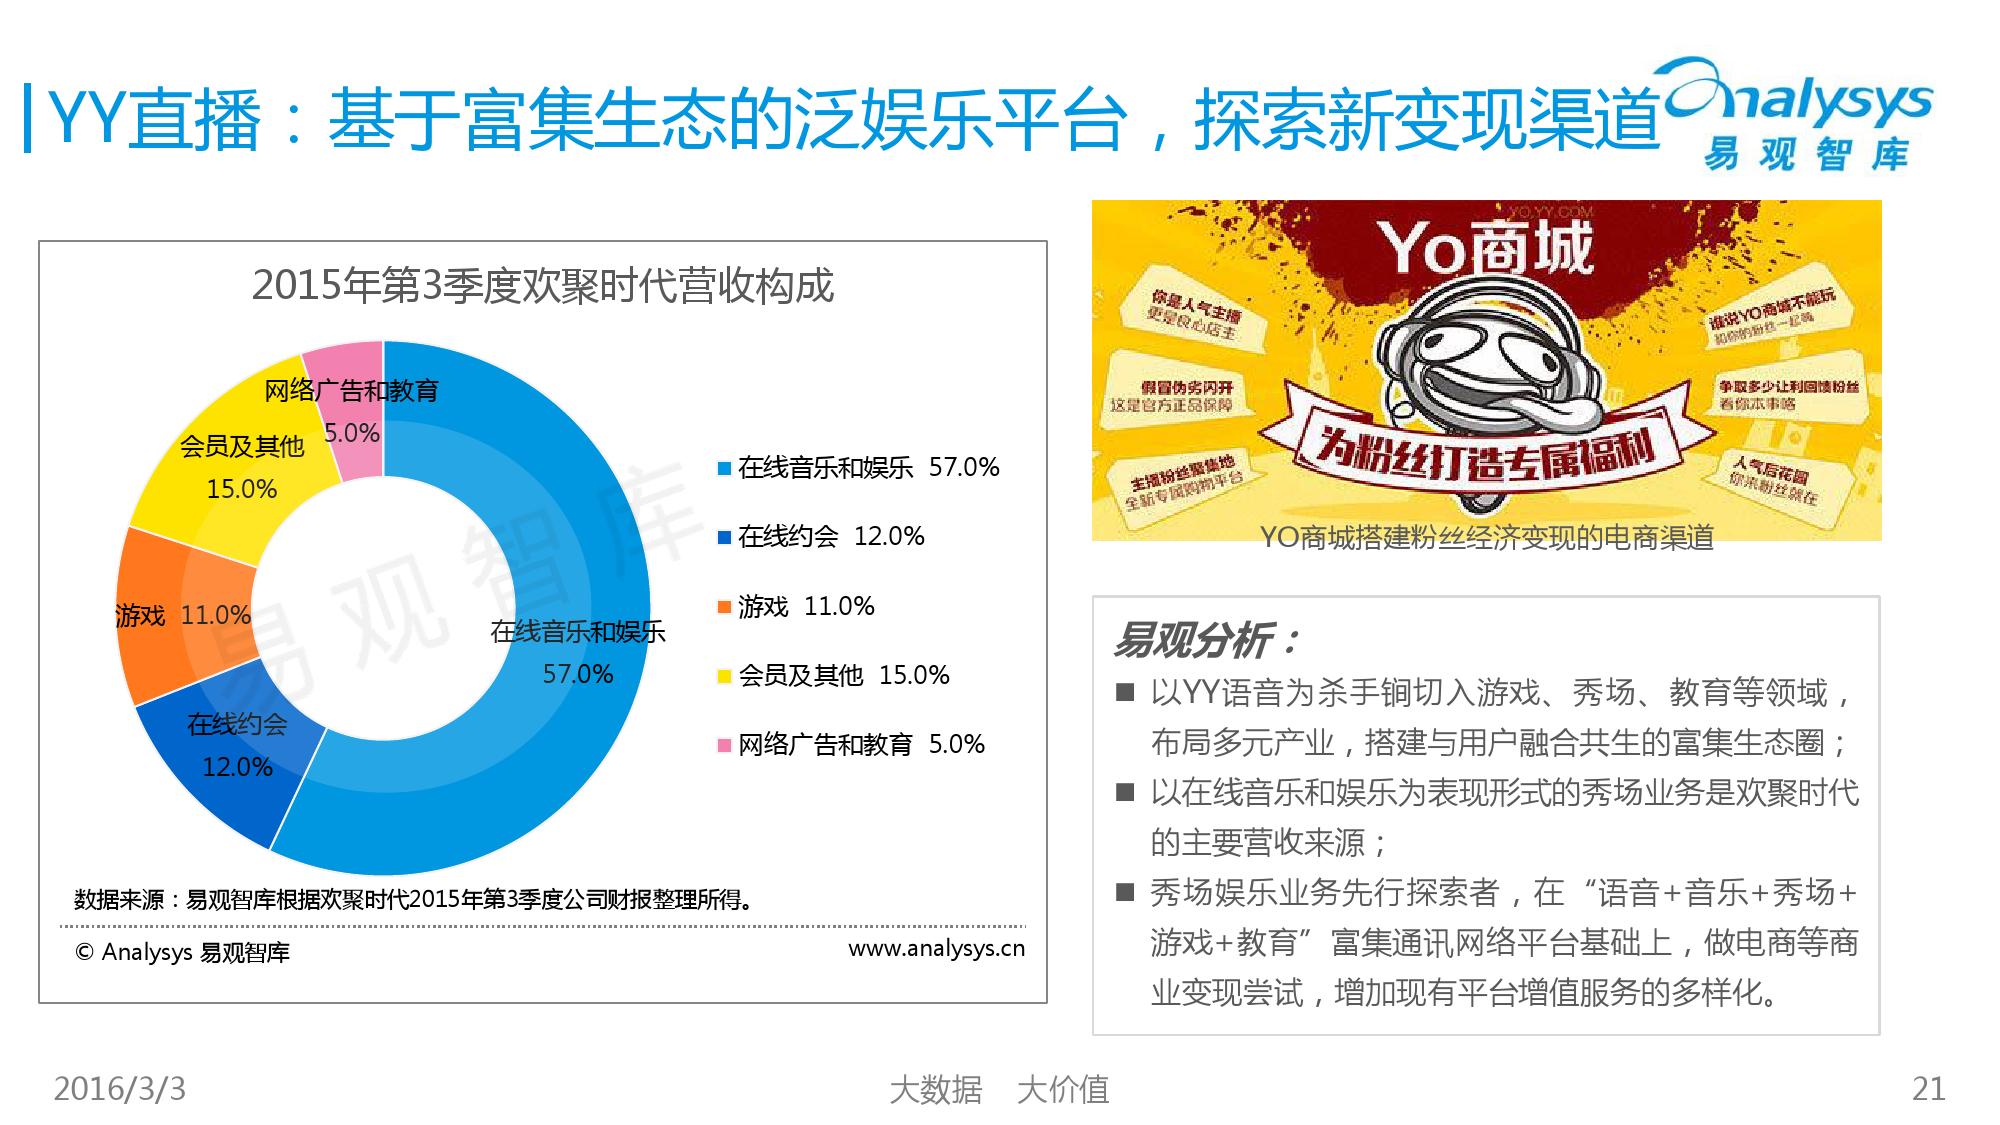 中国秀场娱乐市场专题研究报告2016_000021